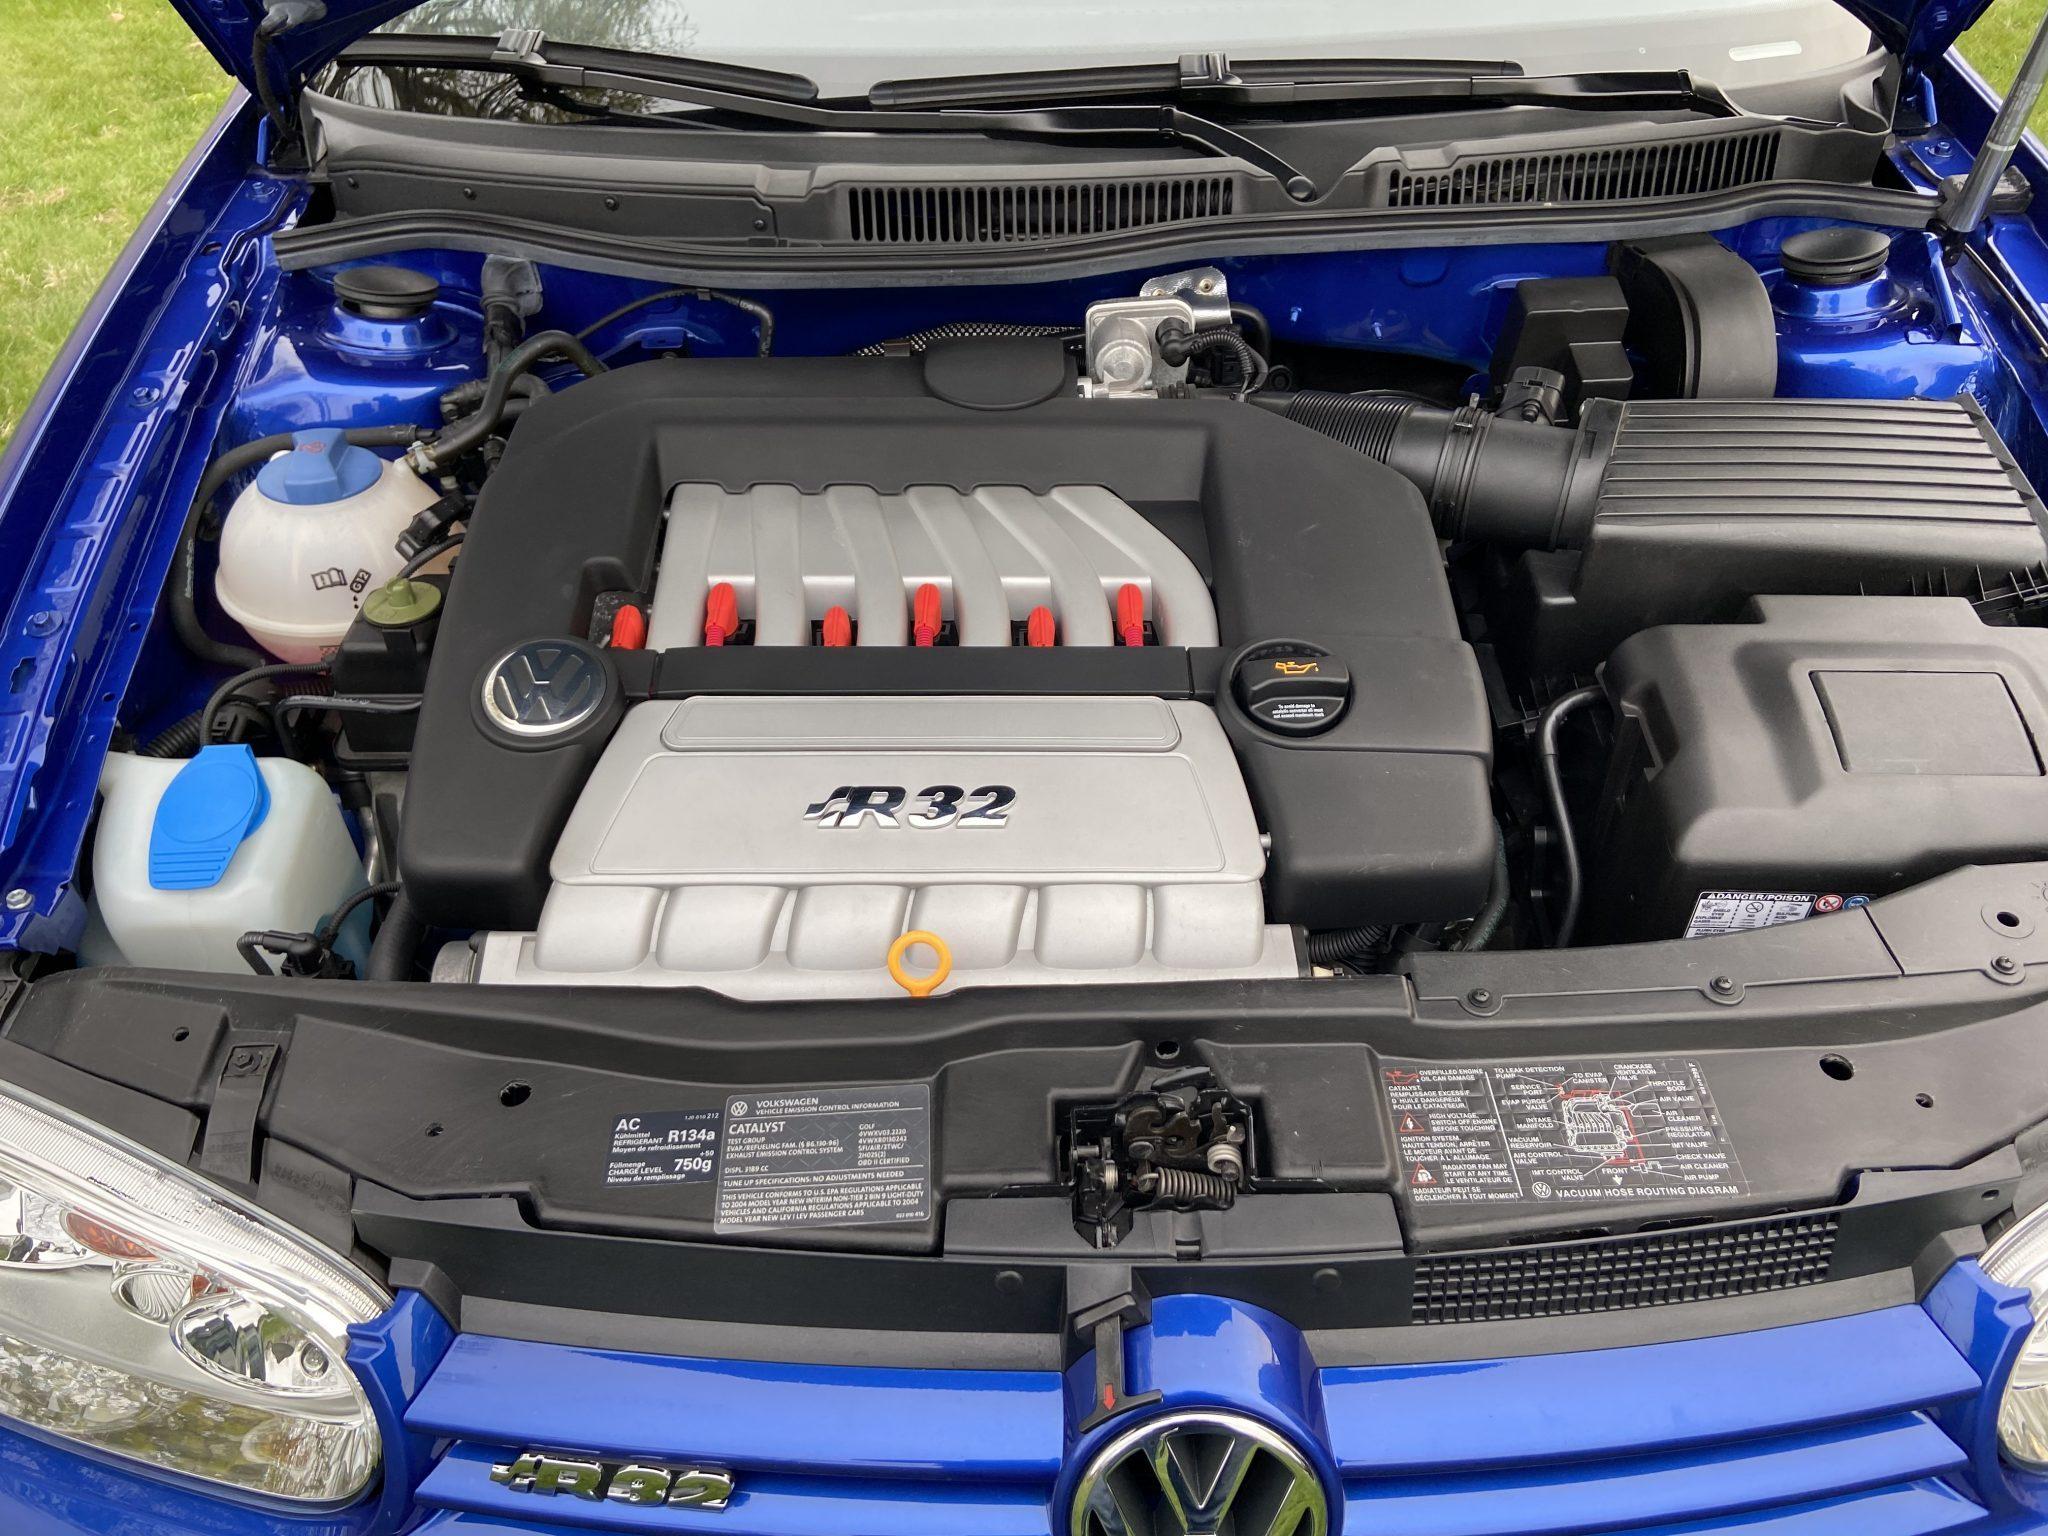 The ECS MK7/8V 1 8T/2 0T Kohlefaser Luft-Technik Intake